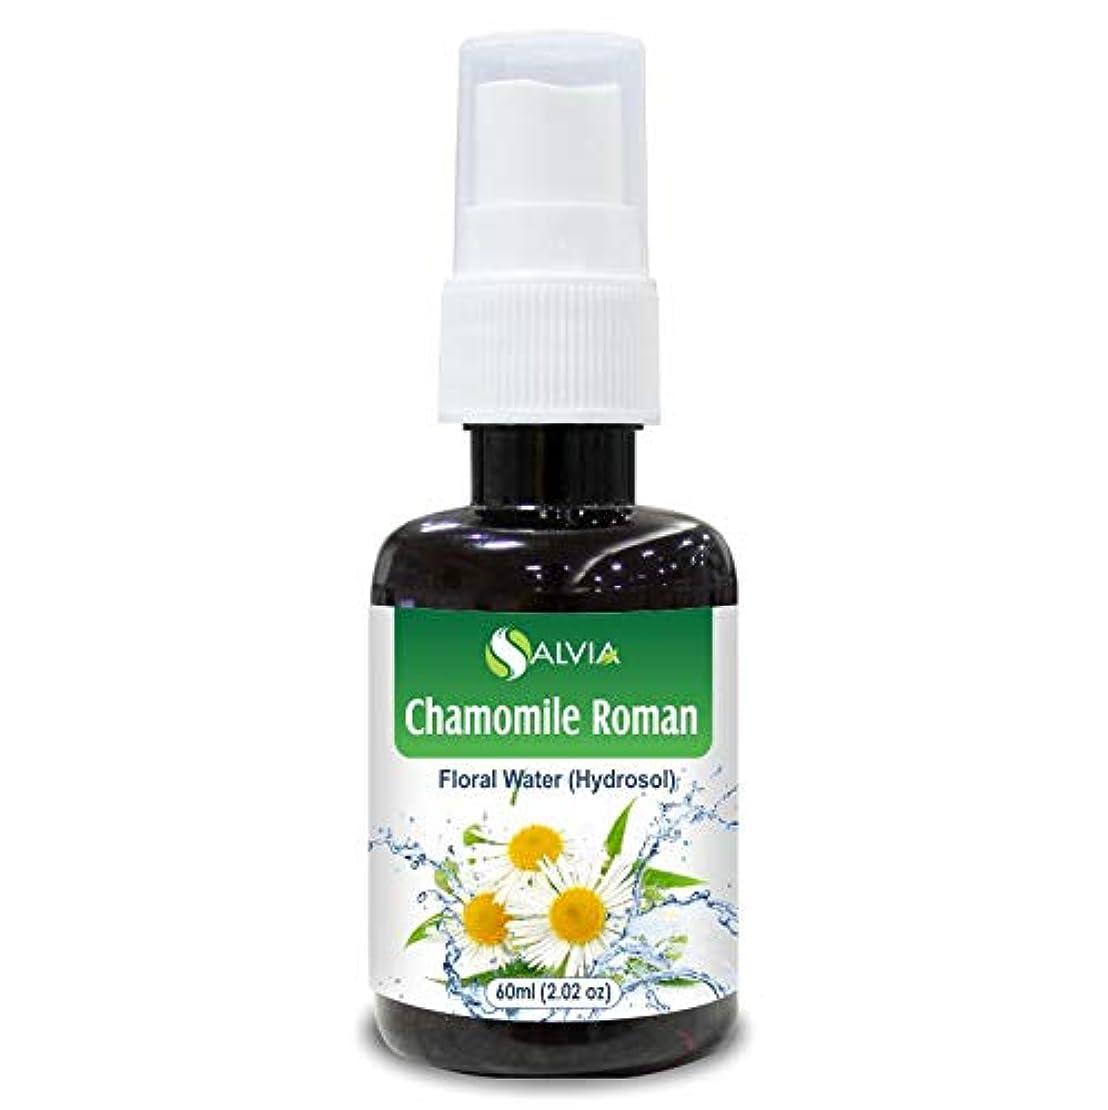 ブラシ悪性の思い出させるChamomile Oil, Roman Floral Water 60ml (Hydrosol) 100% Pure And Natural